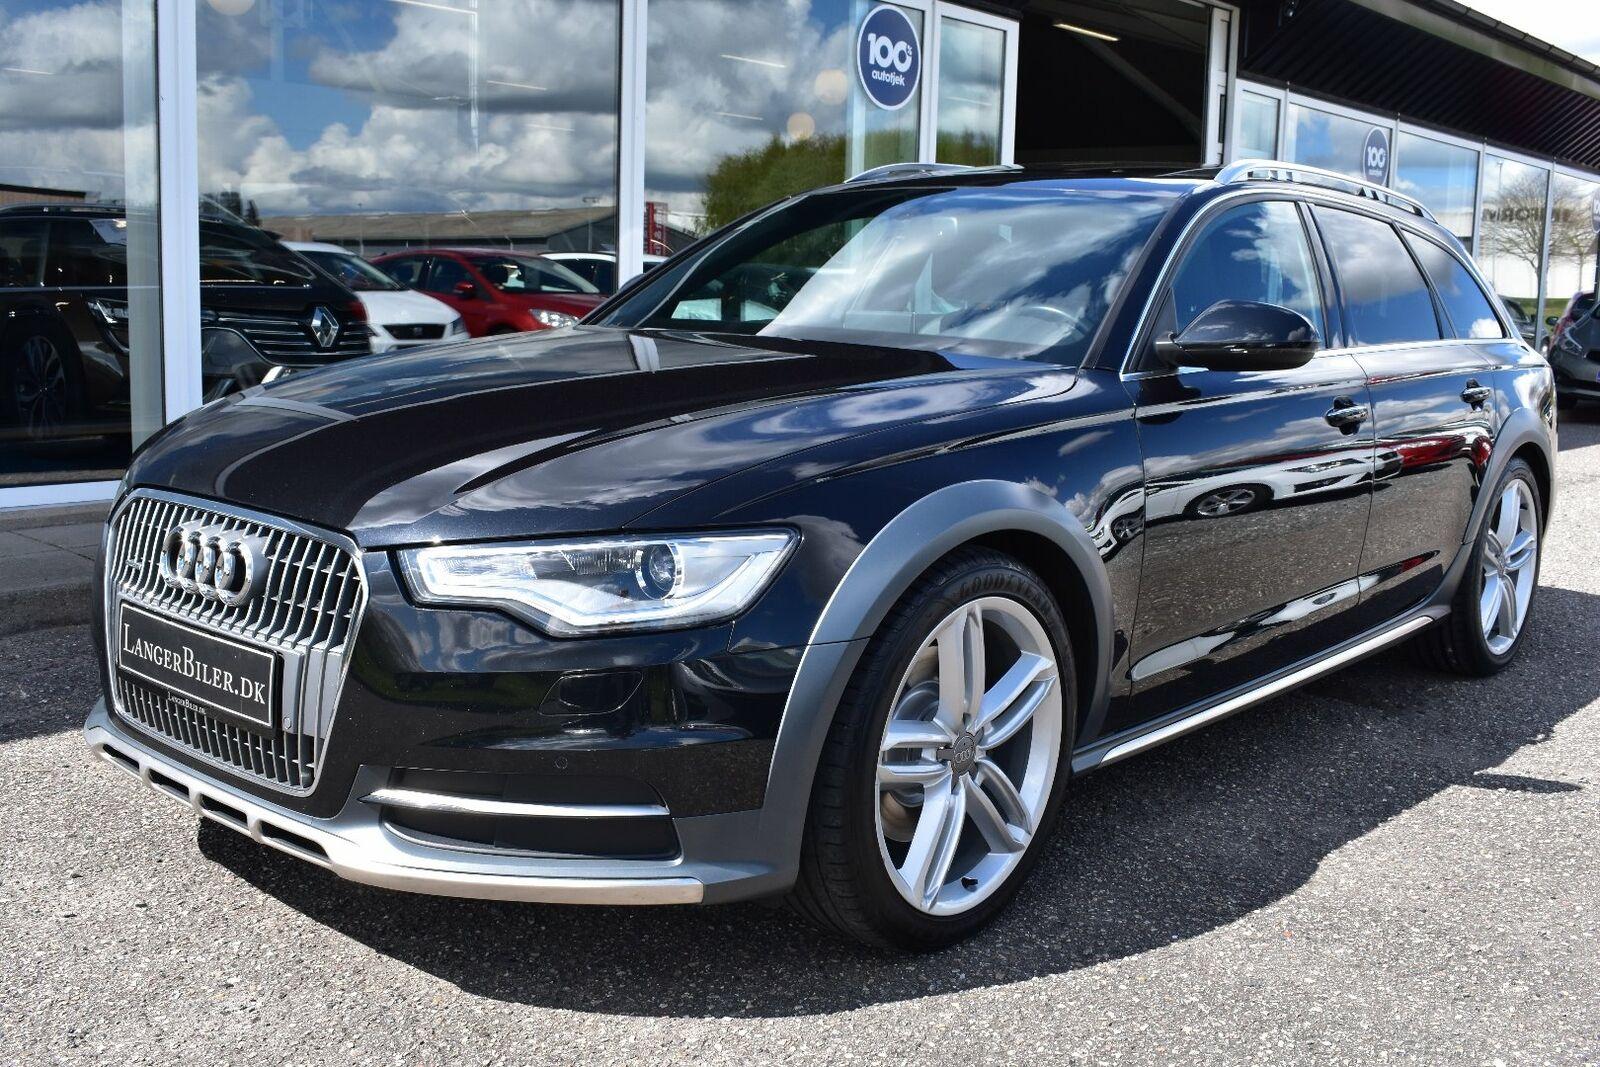 Audi A6 allroad 3,0 TDi 204 quattro S-tr. 5d - 349.500 kr.